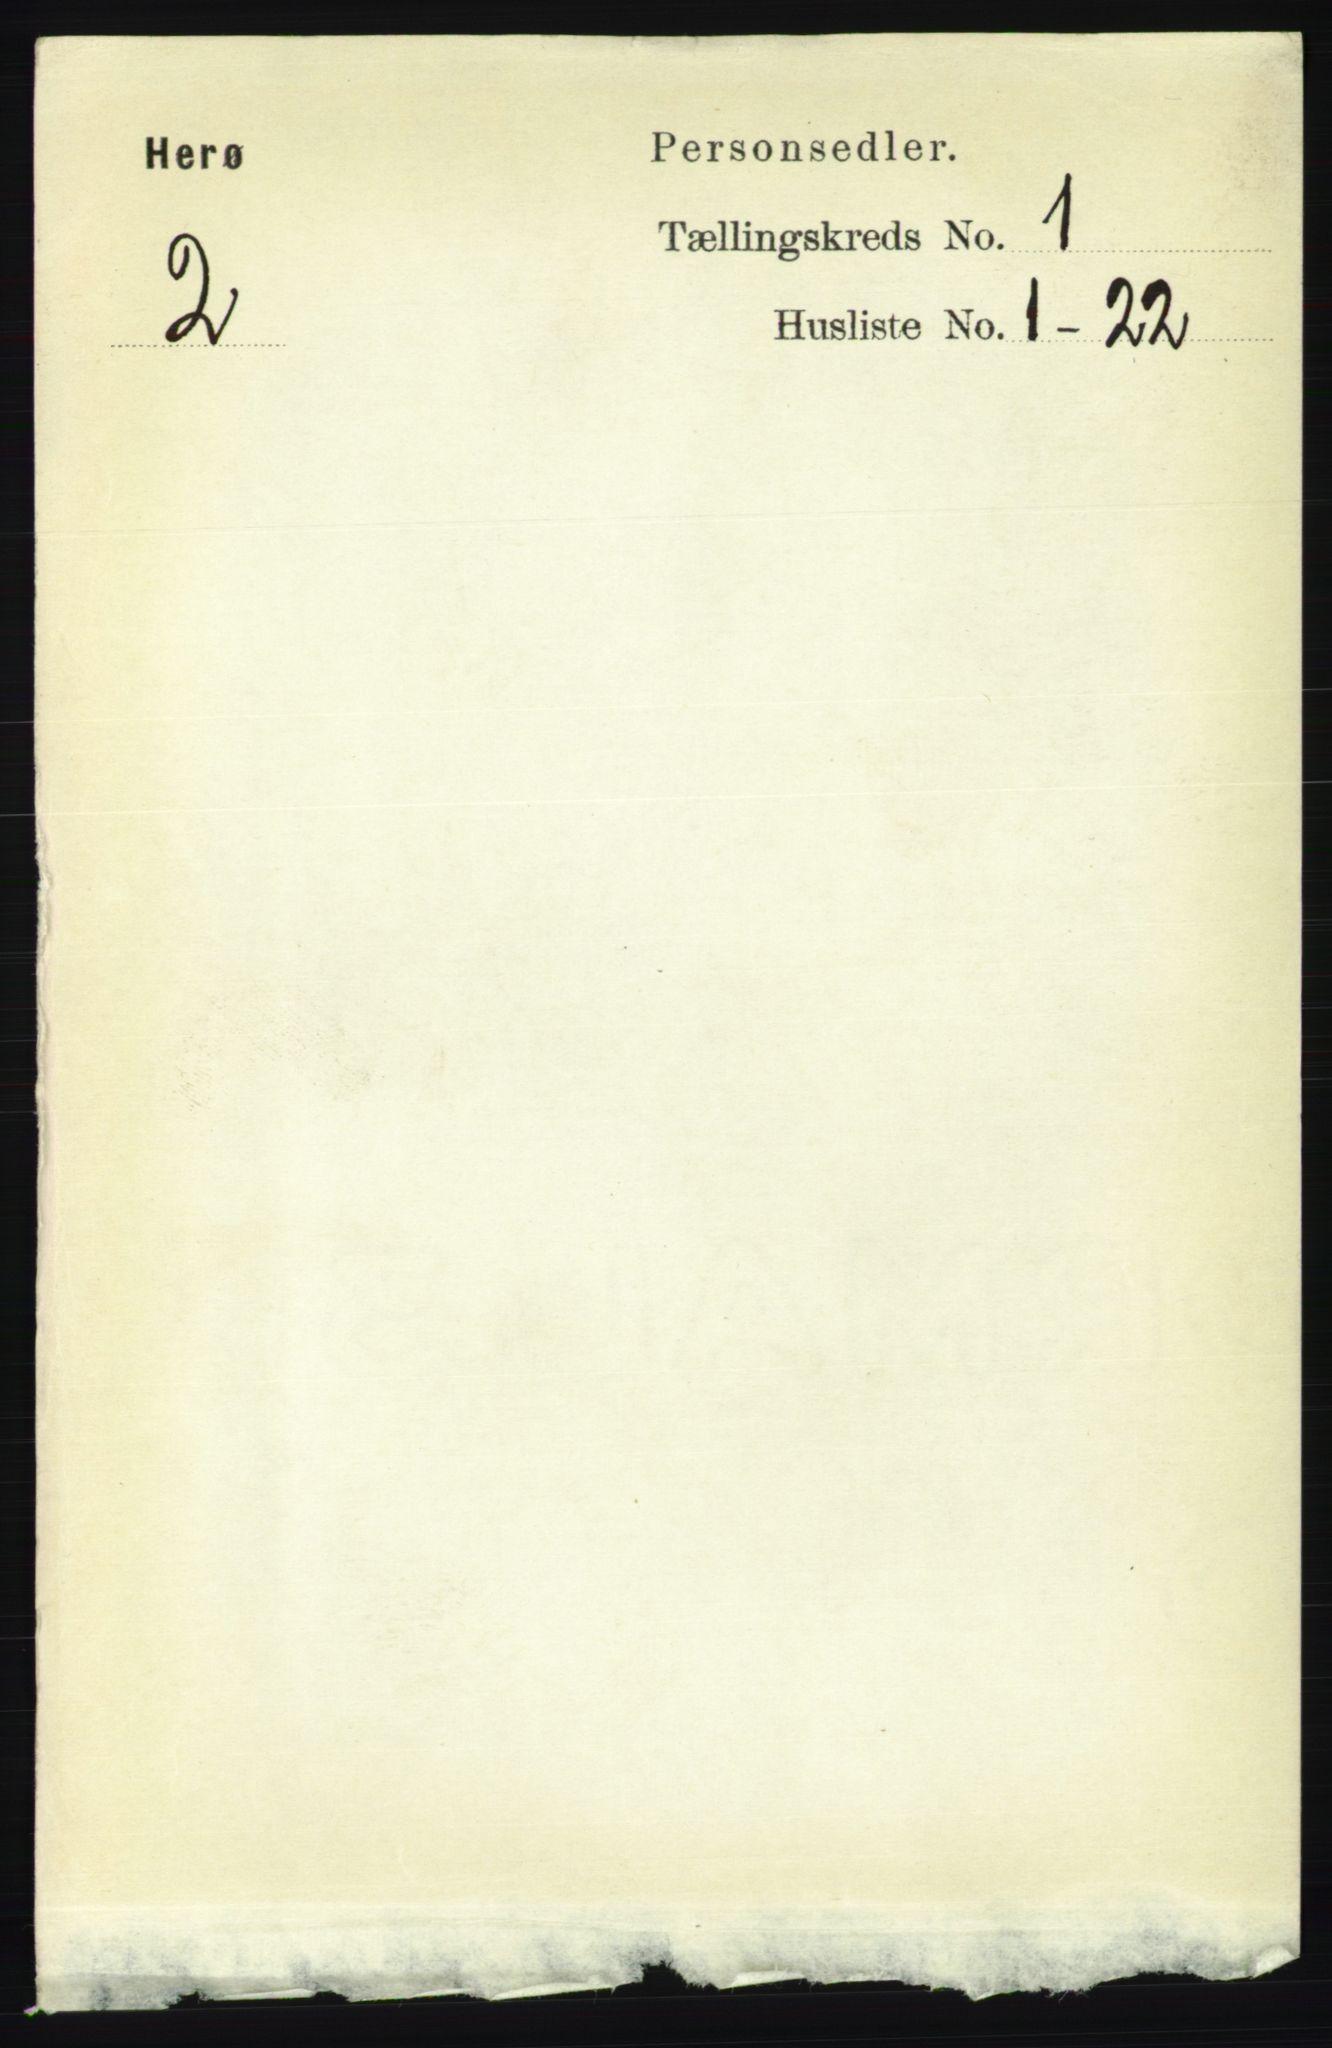 RA, Folketelling 1891 for 1818 Herøy herred, 1891, s. 53